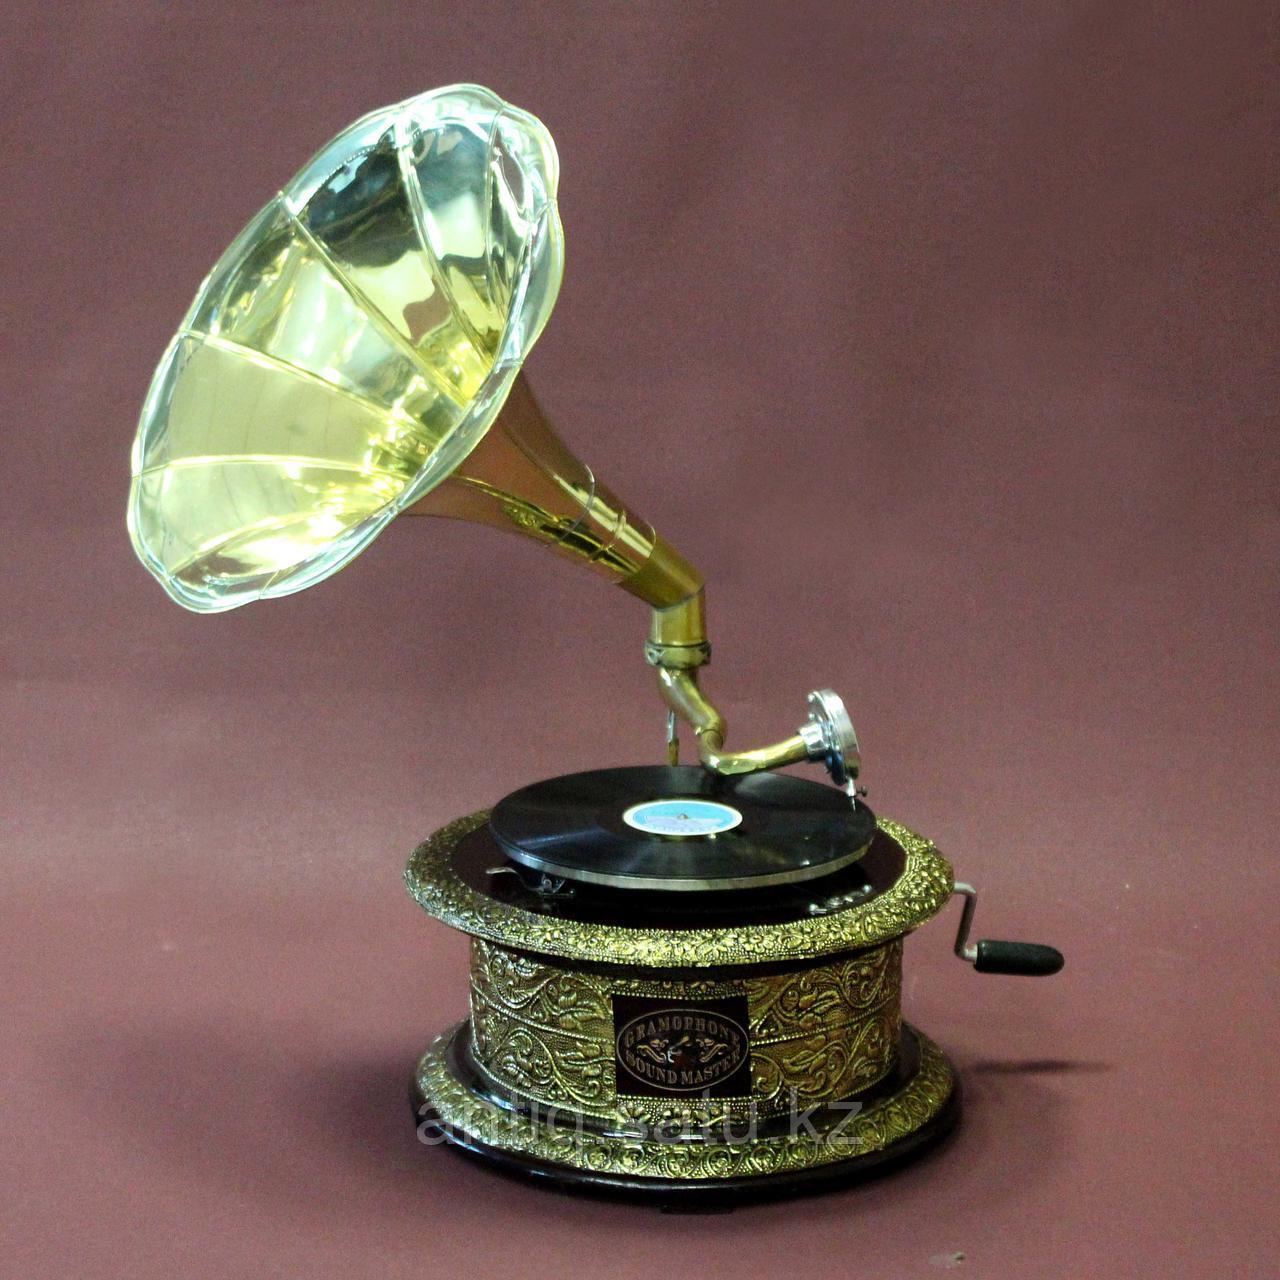 Граммофон. 5 старинных пластинок в подарок покупателю. - фото 1